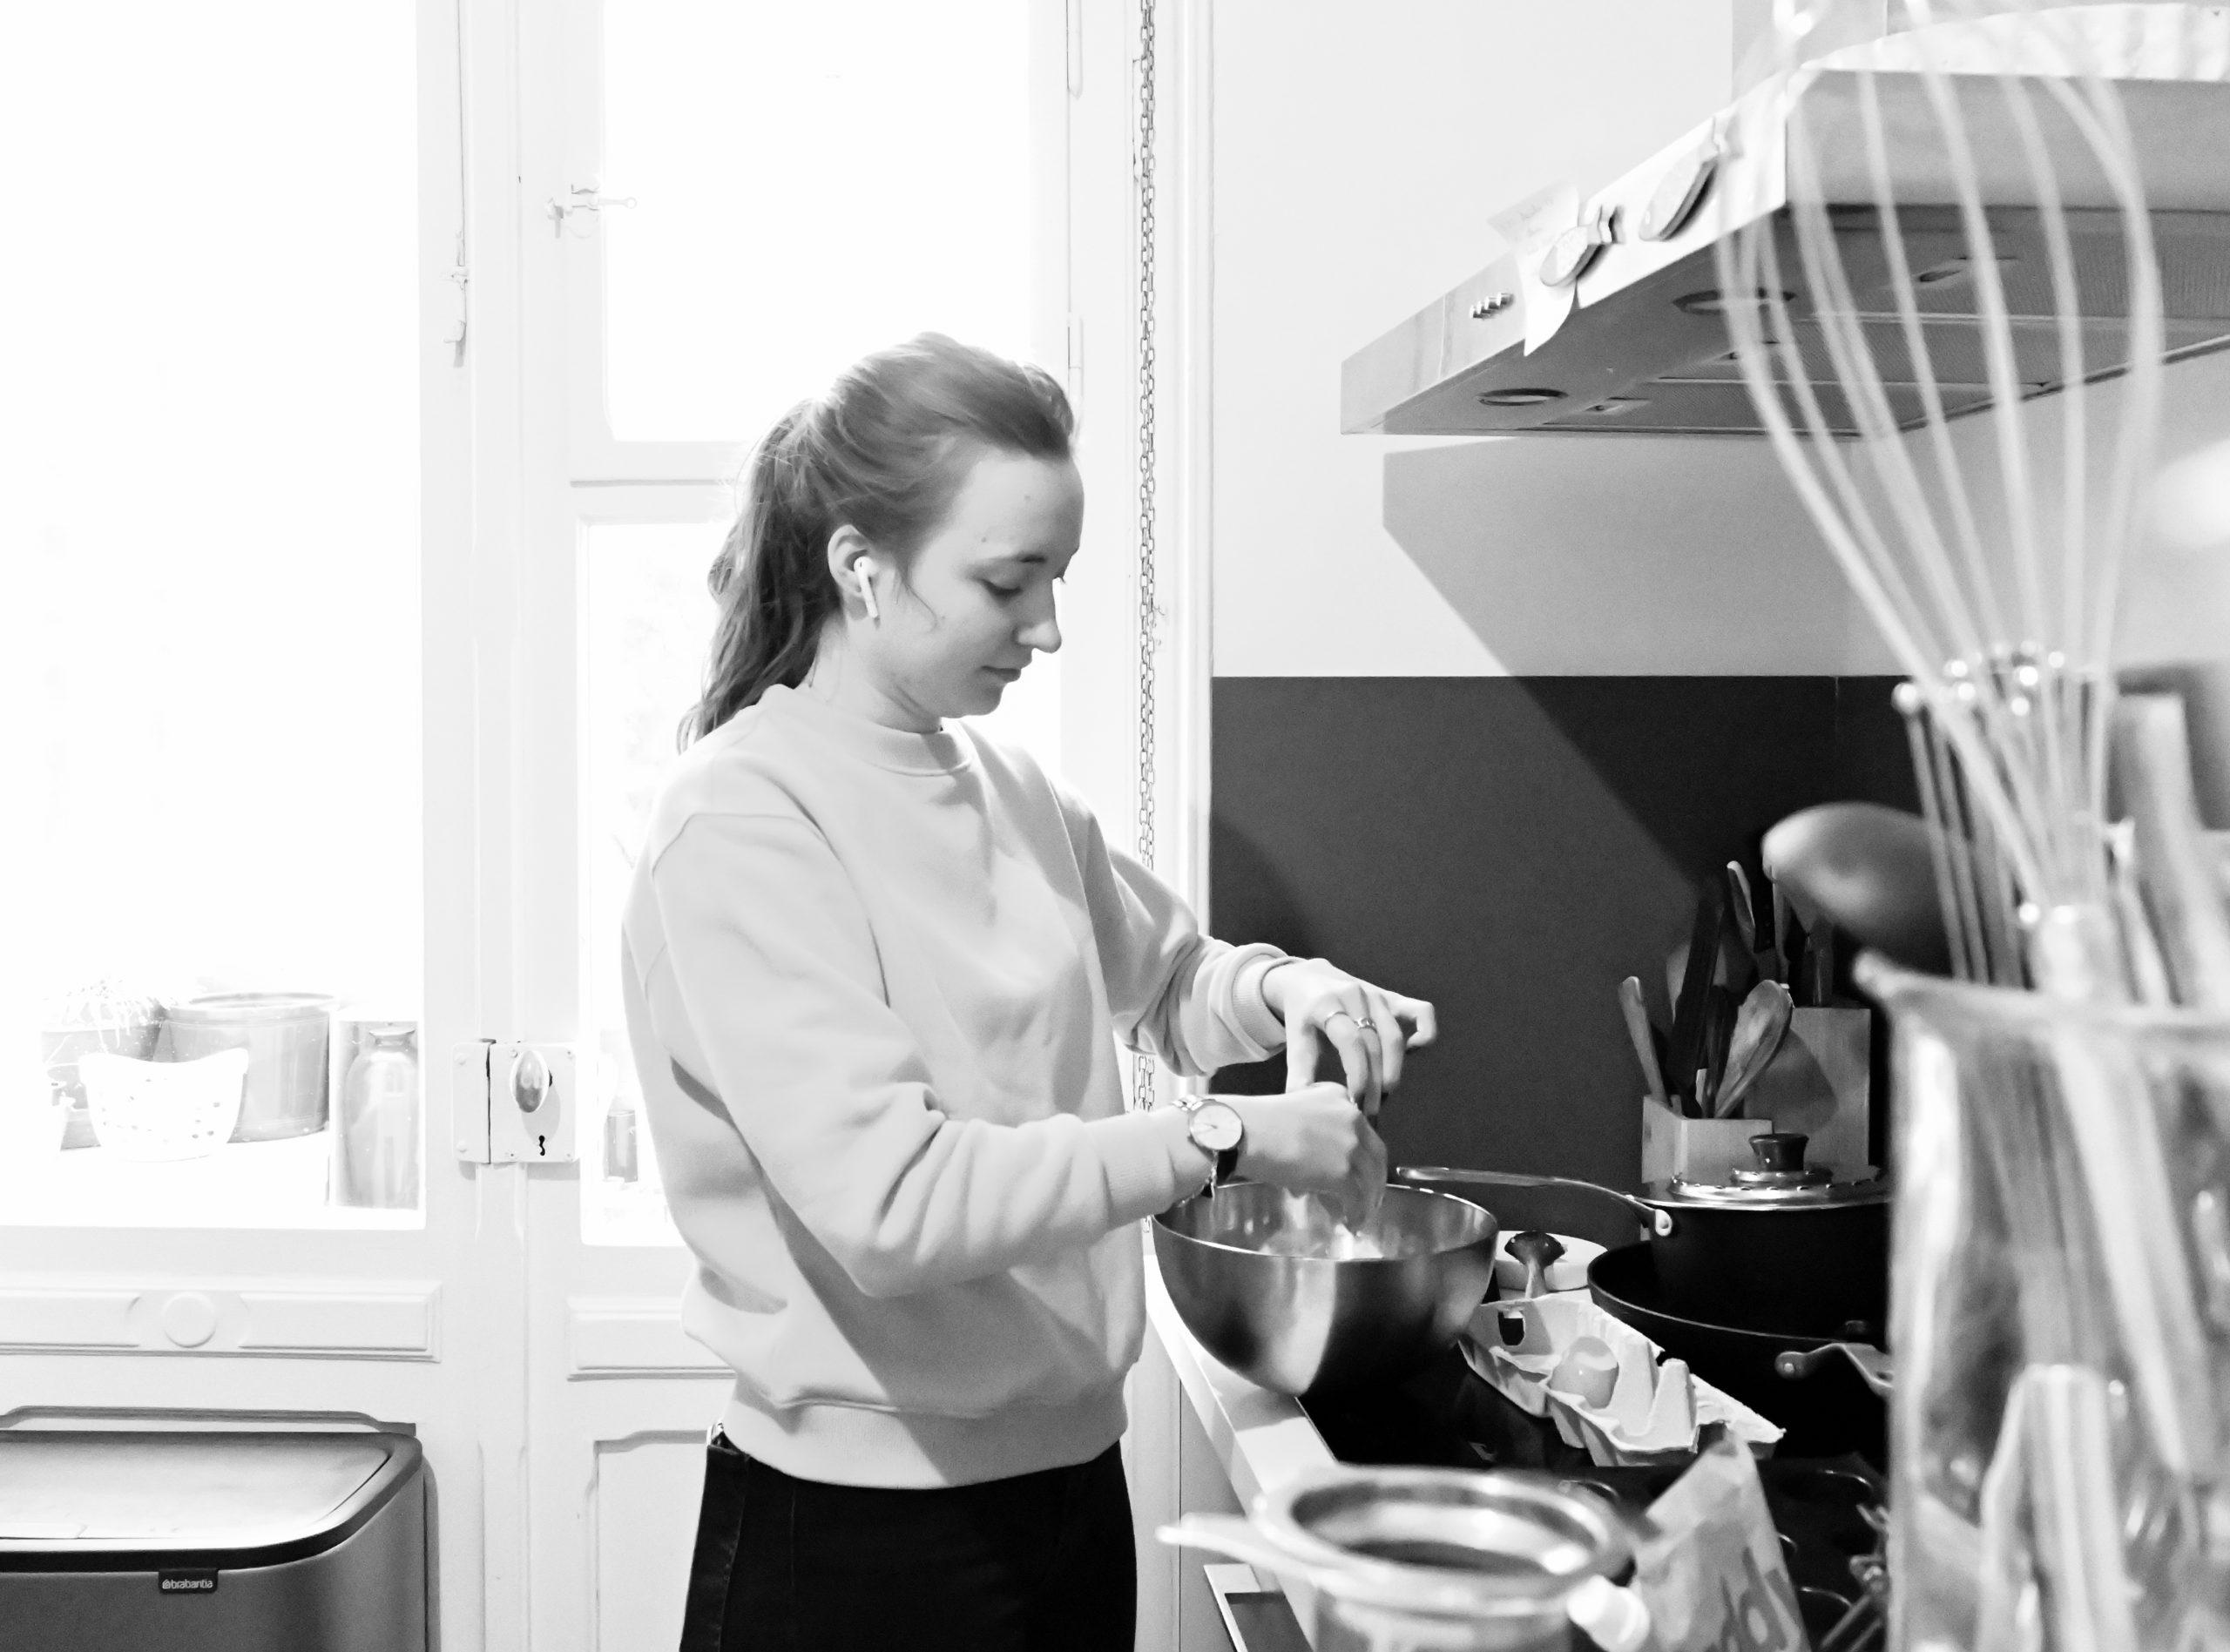 jeune fille en cuisine pour des gateaux